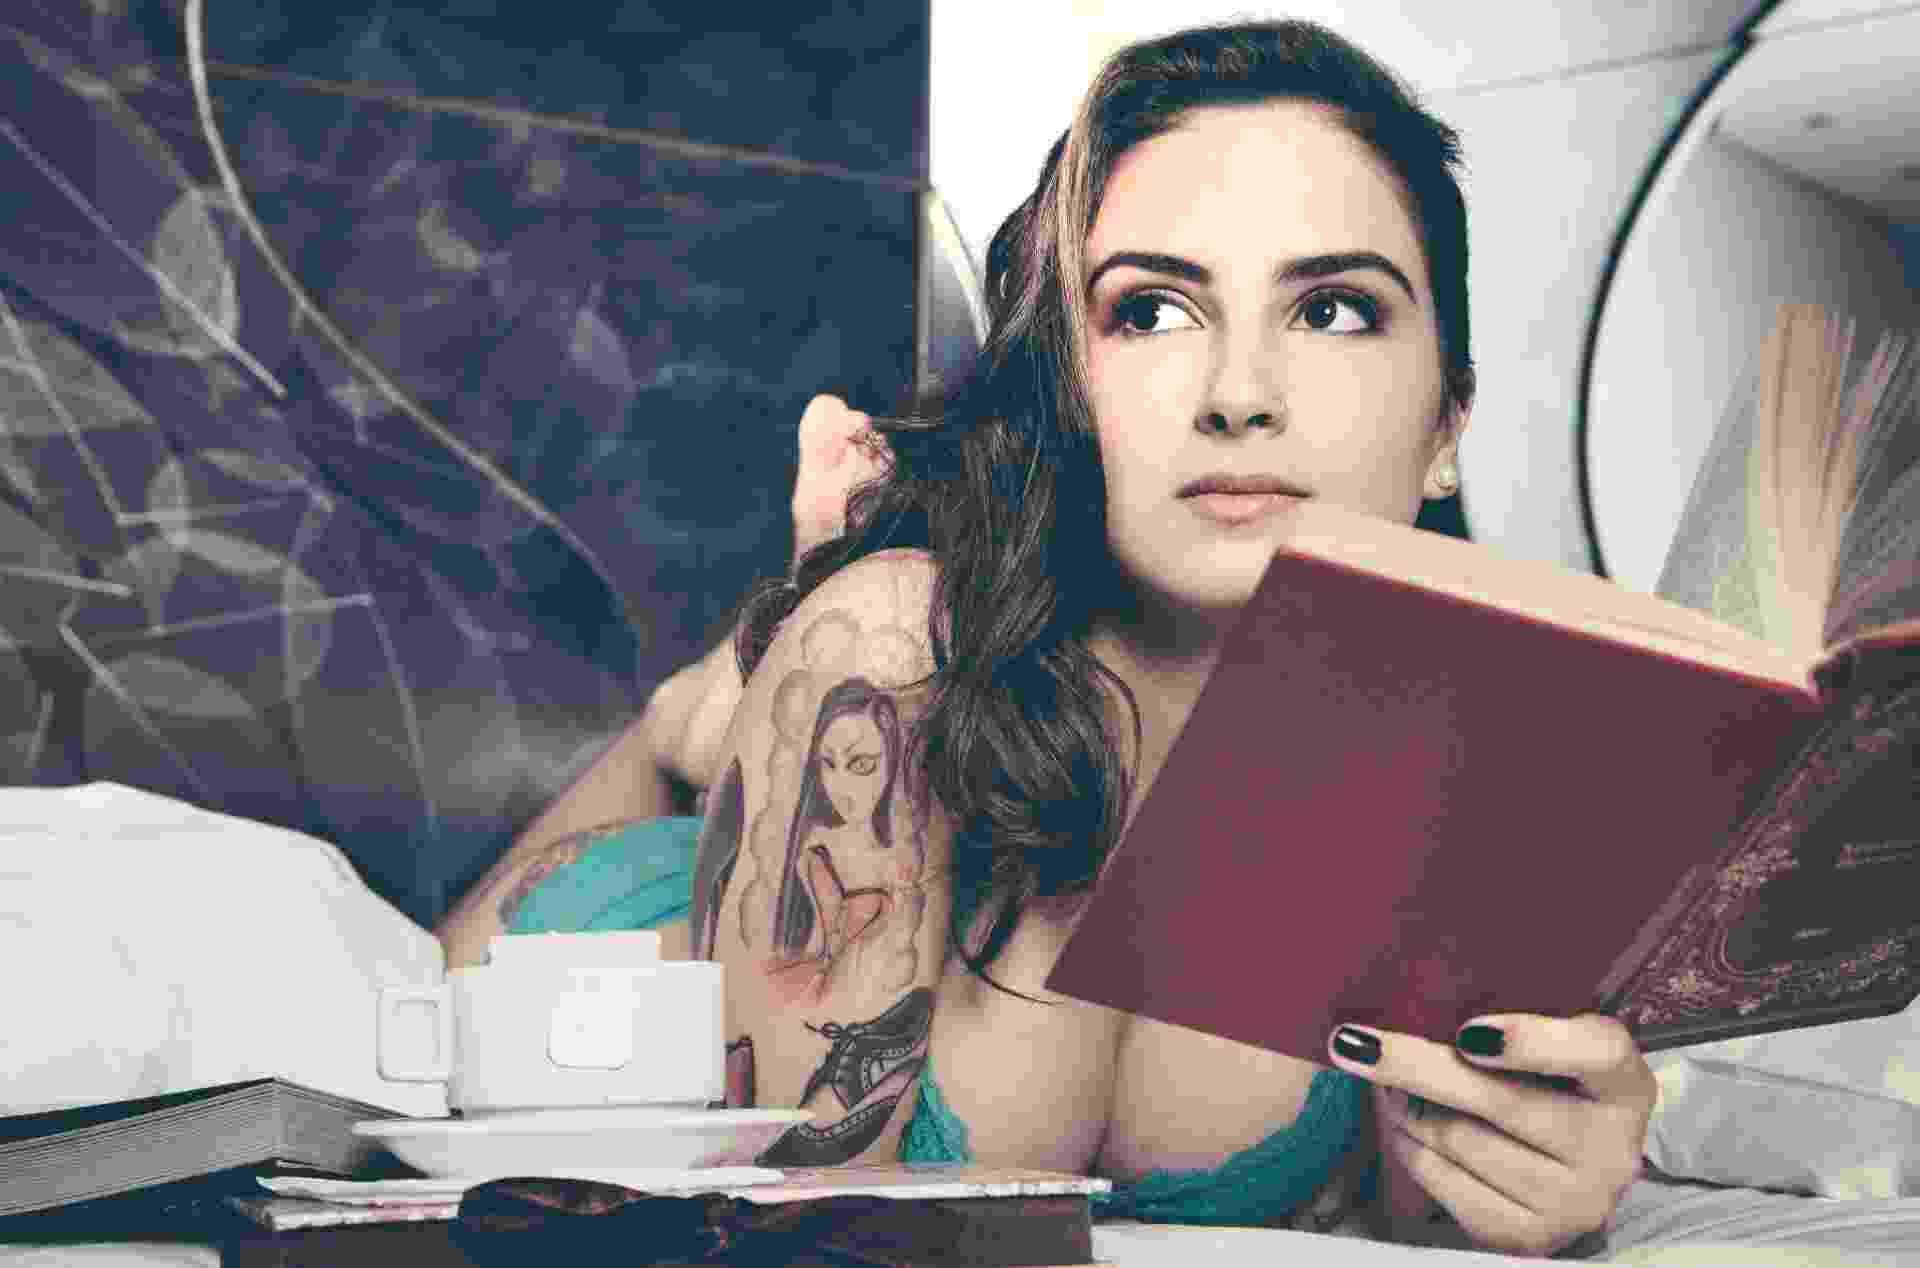 """Lola Benvenutti, garota de programa e autora do livro """"O Prazer é Todo Nosso"""" (2014) - Victor Daguano/Divulgação"""